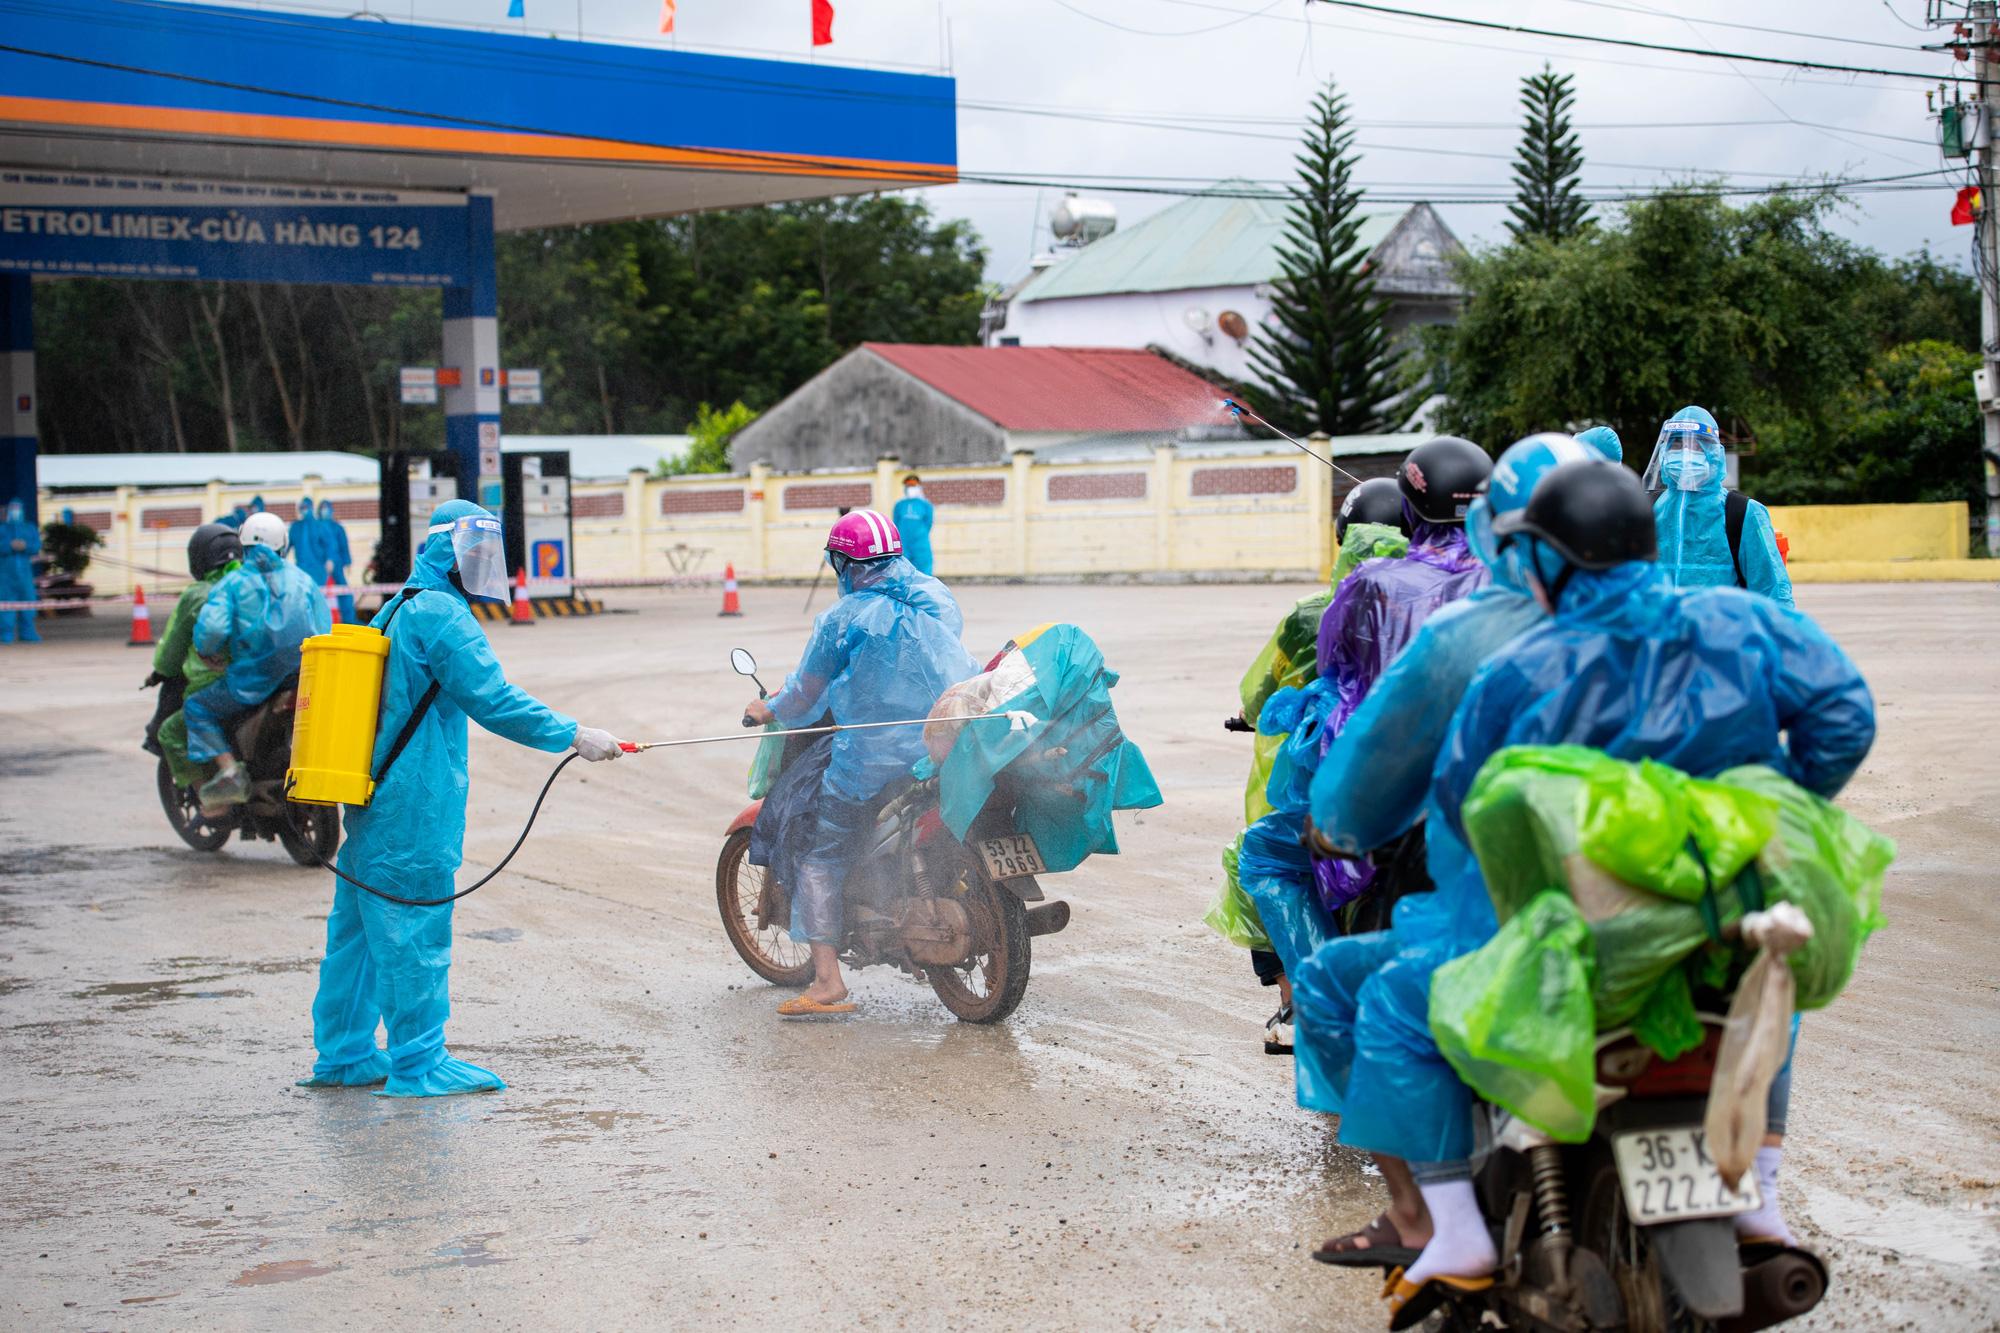 Tỉnh Kon Tum dốc toàn lực hỗ trợ người dân từ phía nam về quê mùa dịch Covid-19 - Ảnh 6.